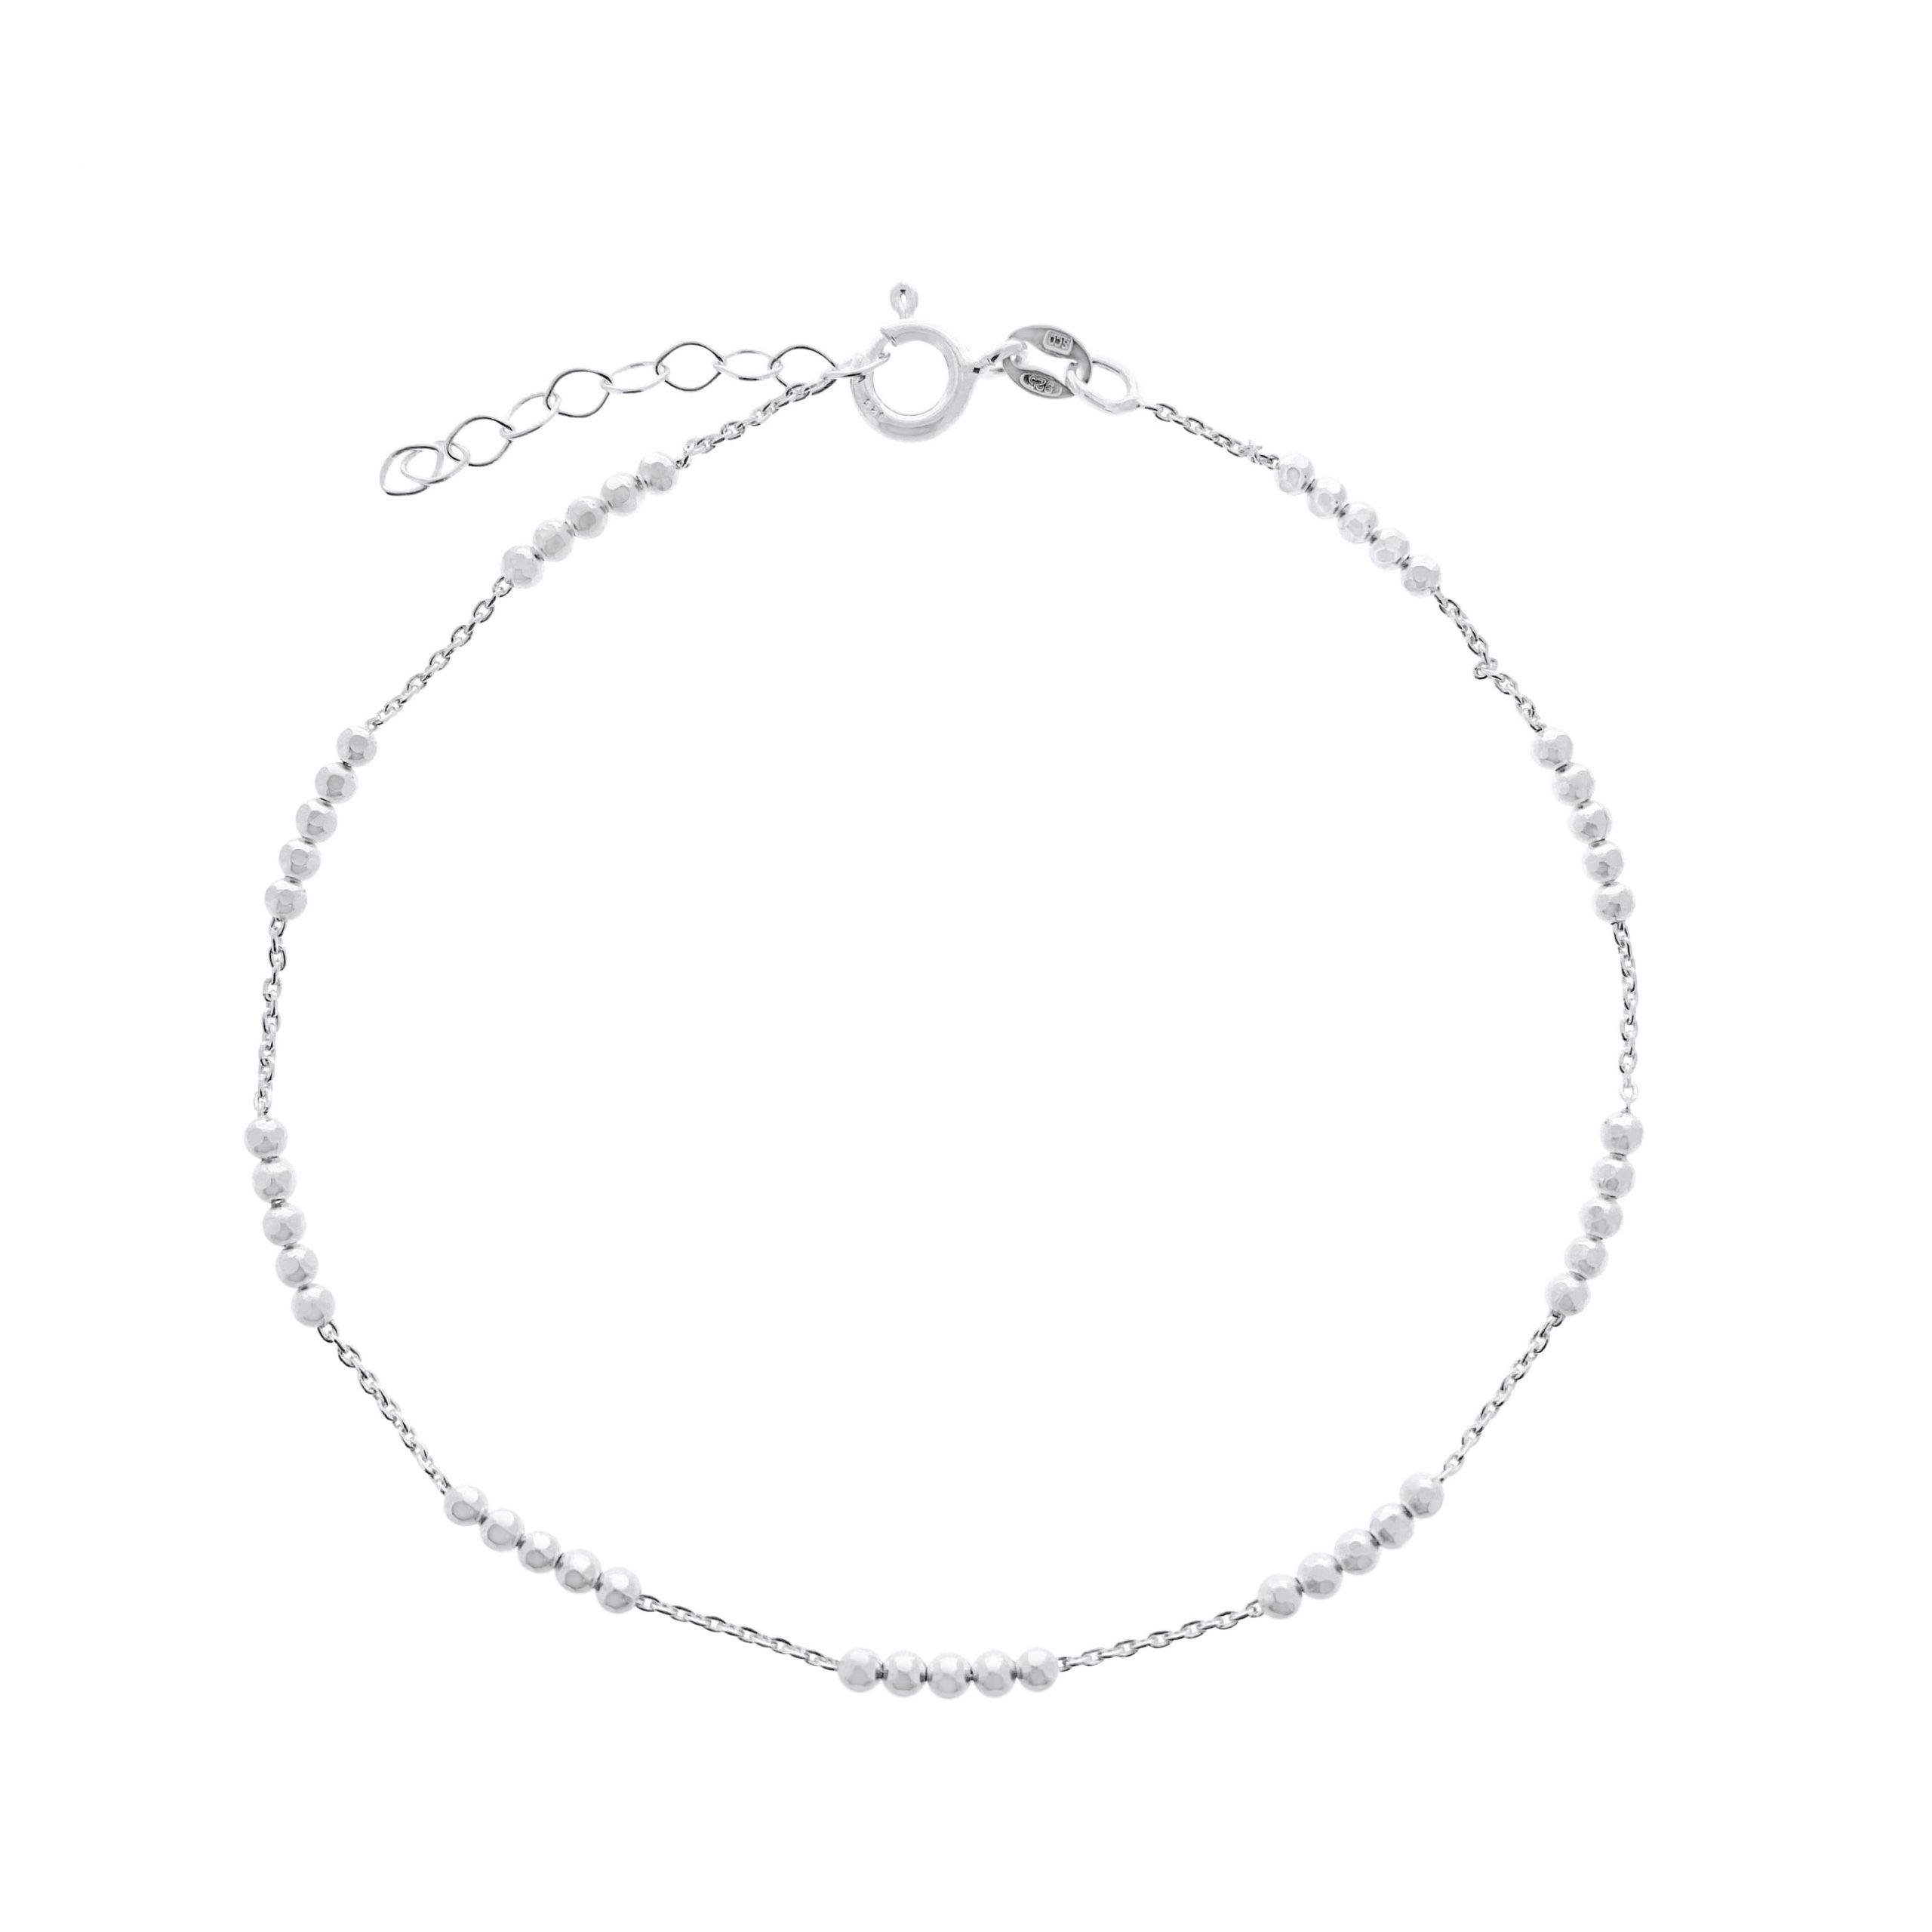 Jewelrybox.se Vristlänk Kedja med Kulor Silver